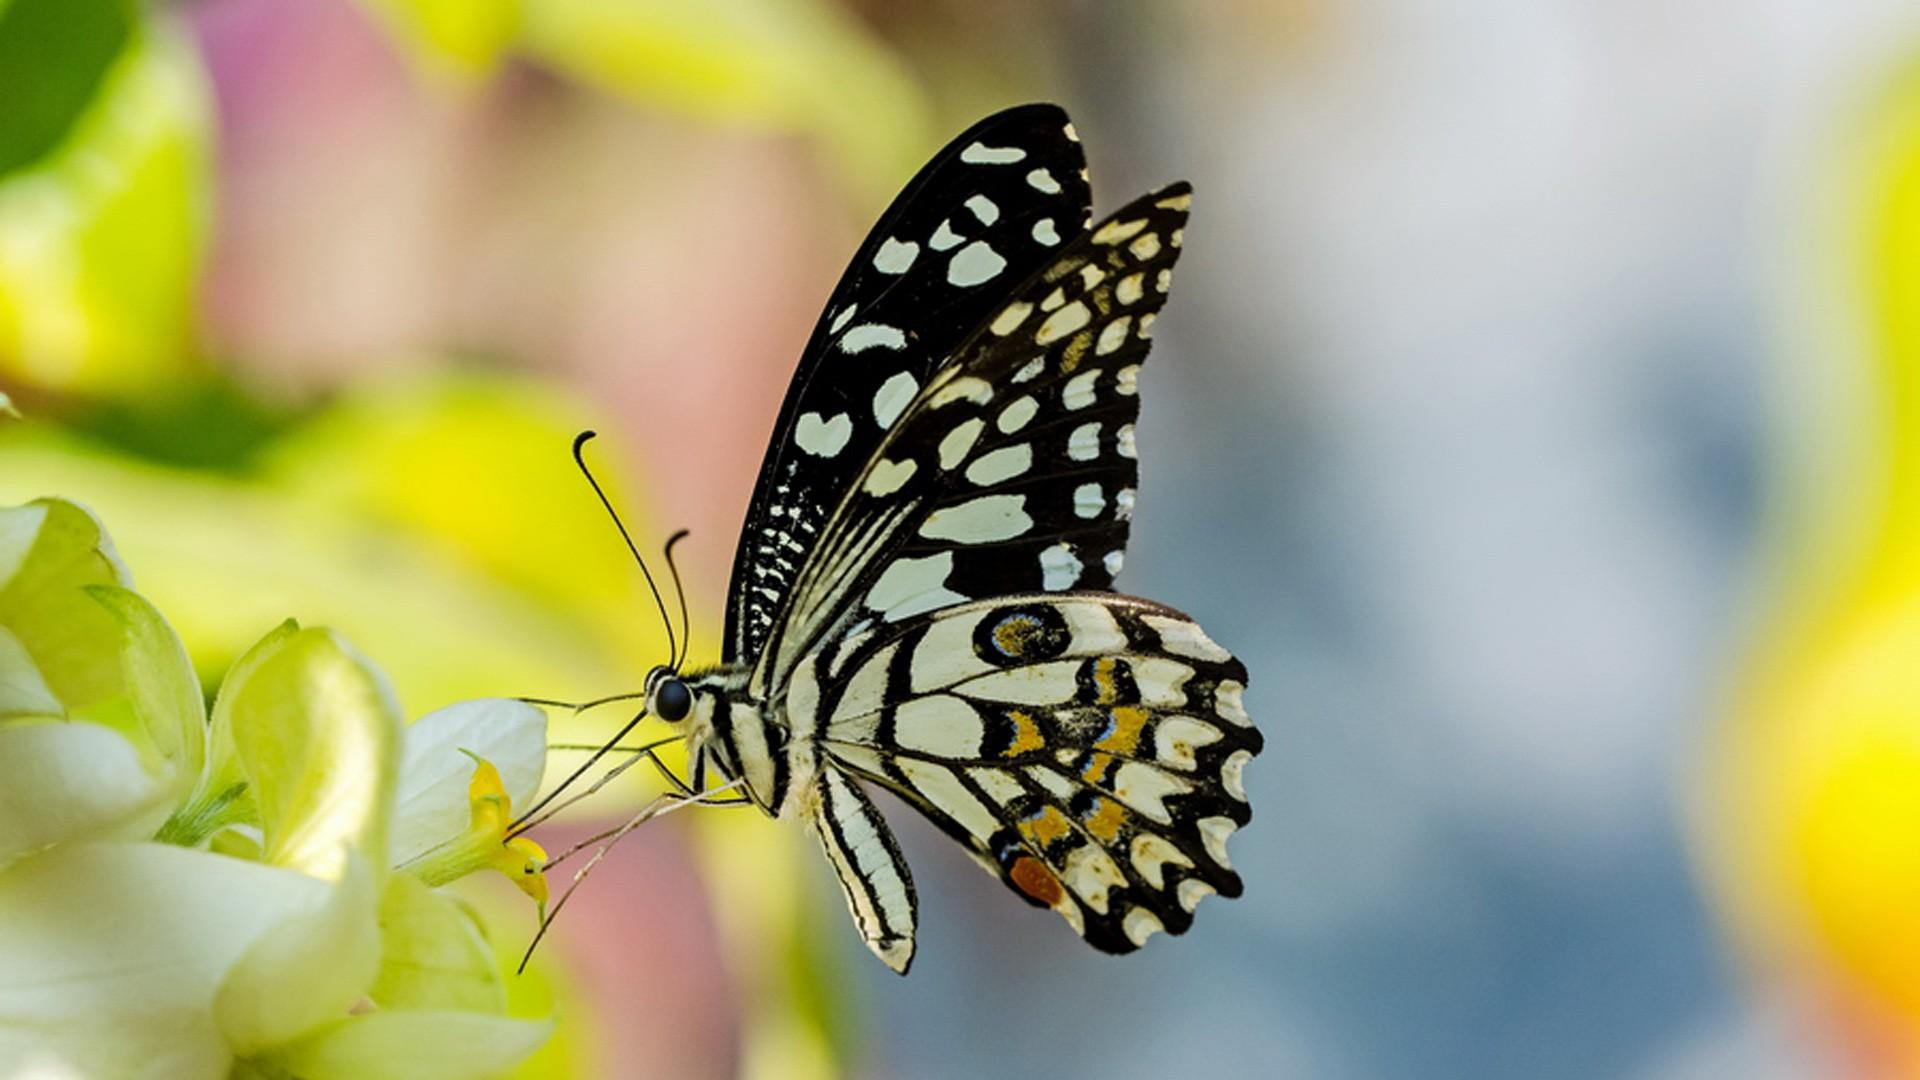 Cánh bướm rất đẹp